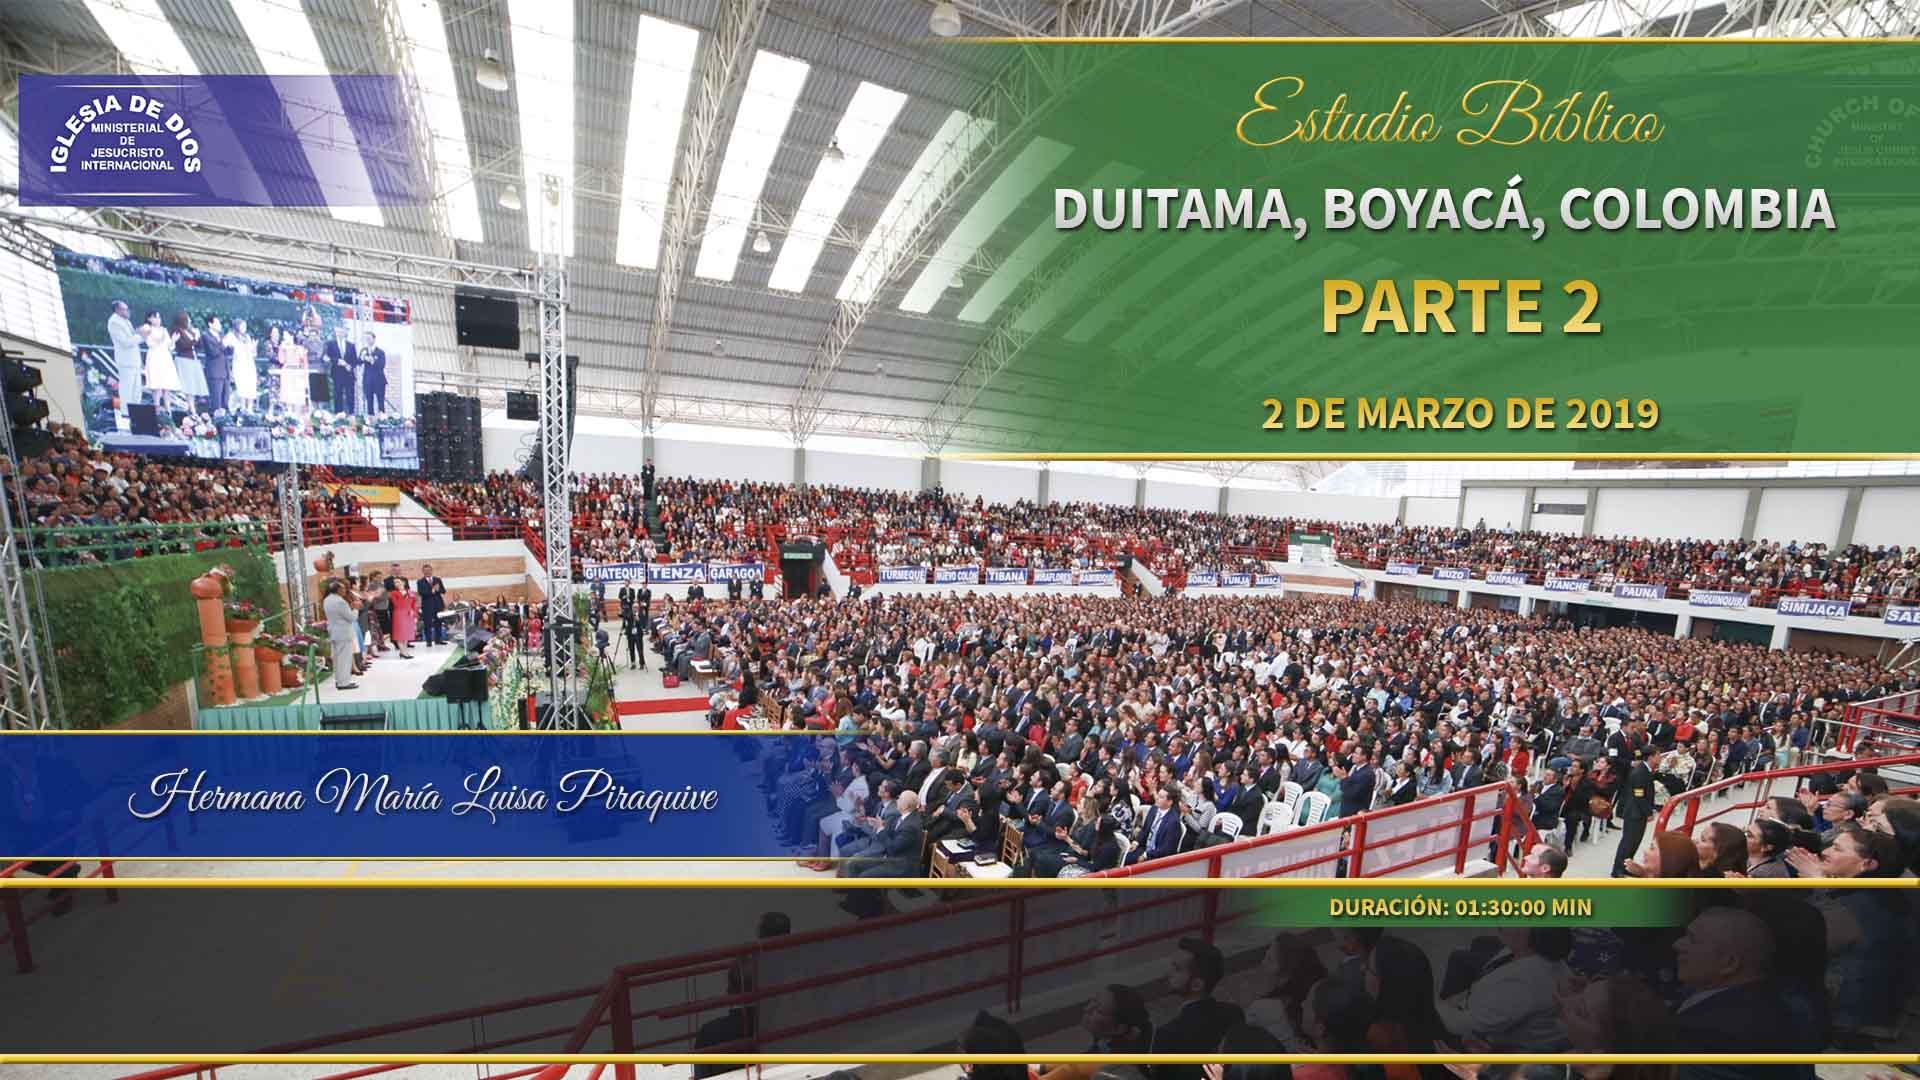 Estudio bíblico, parte 2 Duitama, Boyacá, Colombia